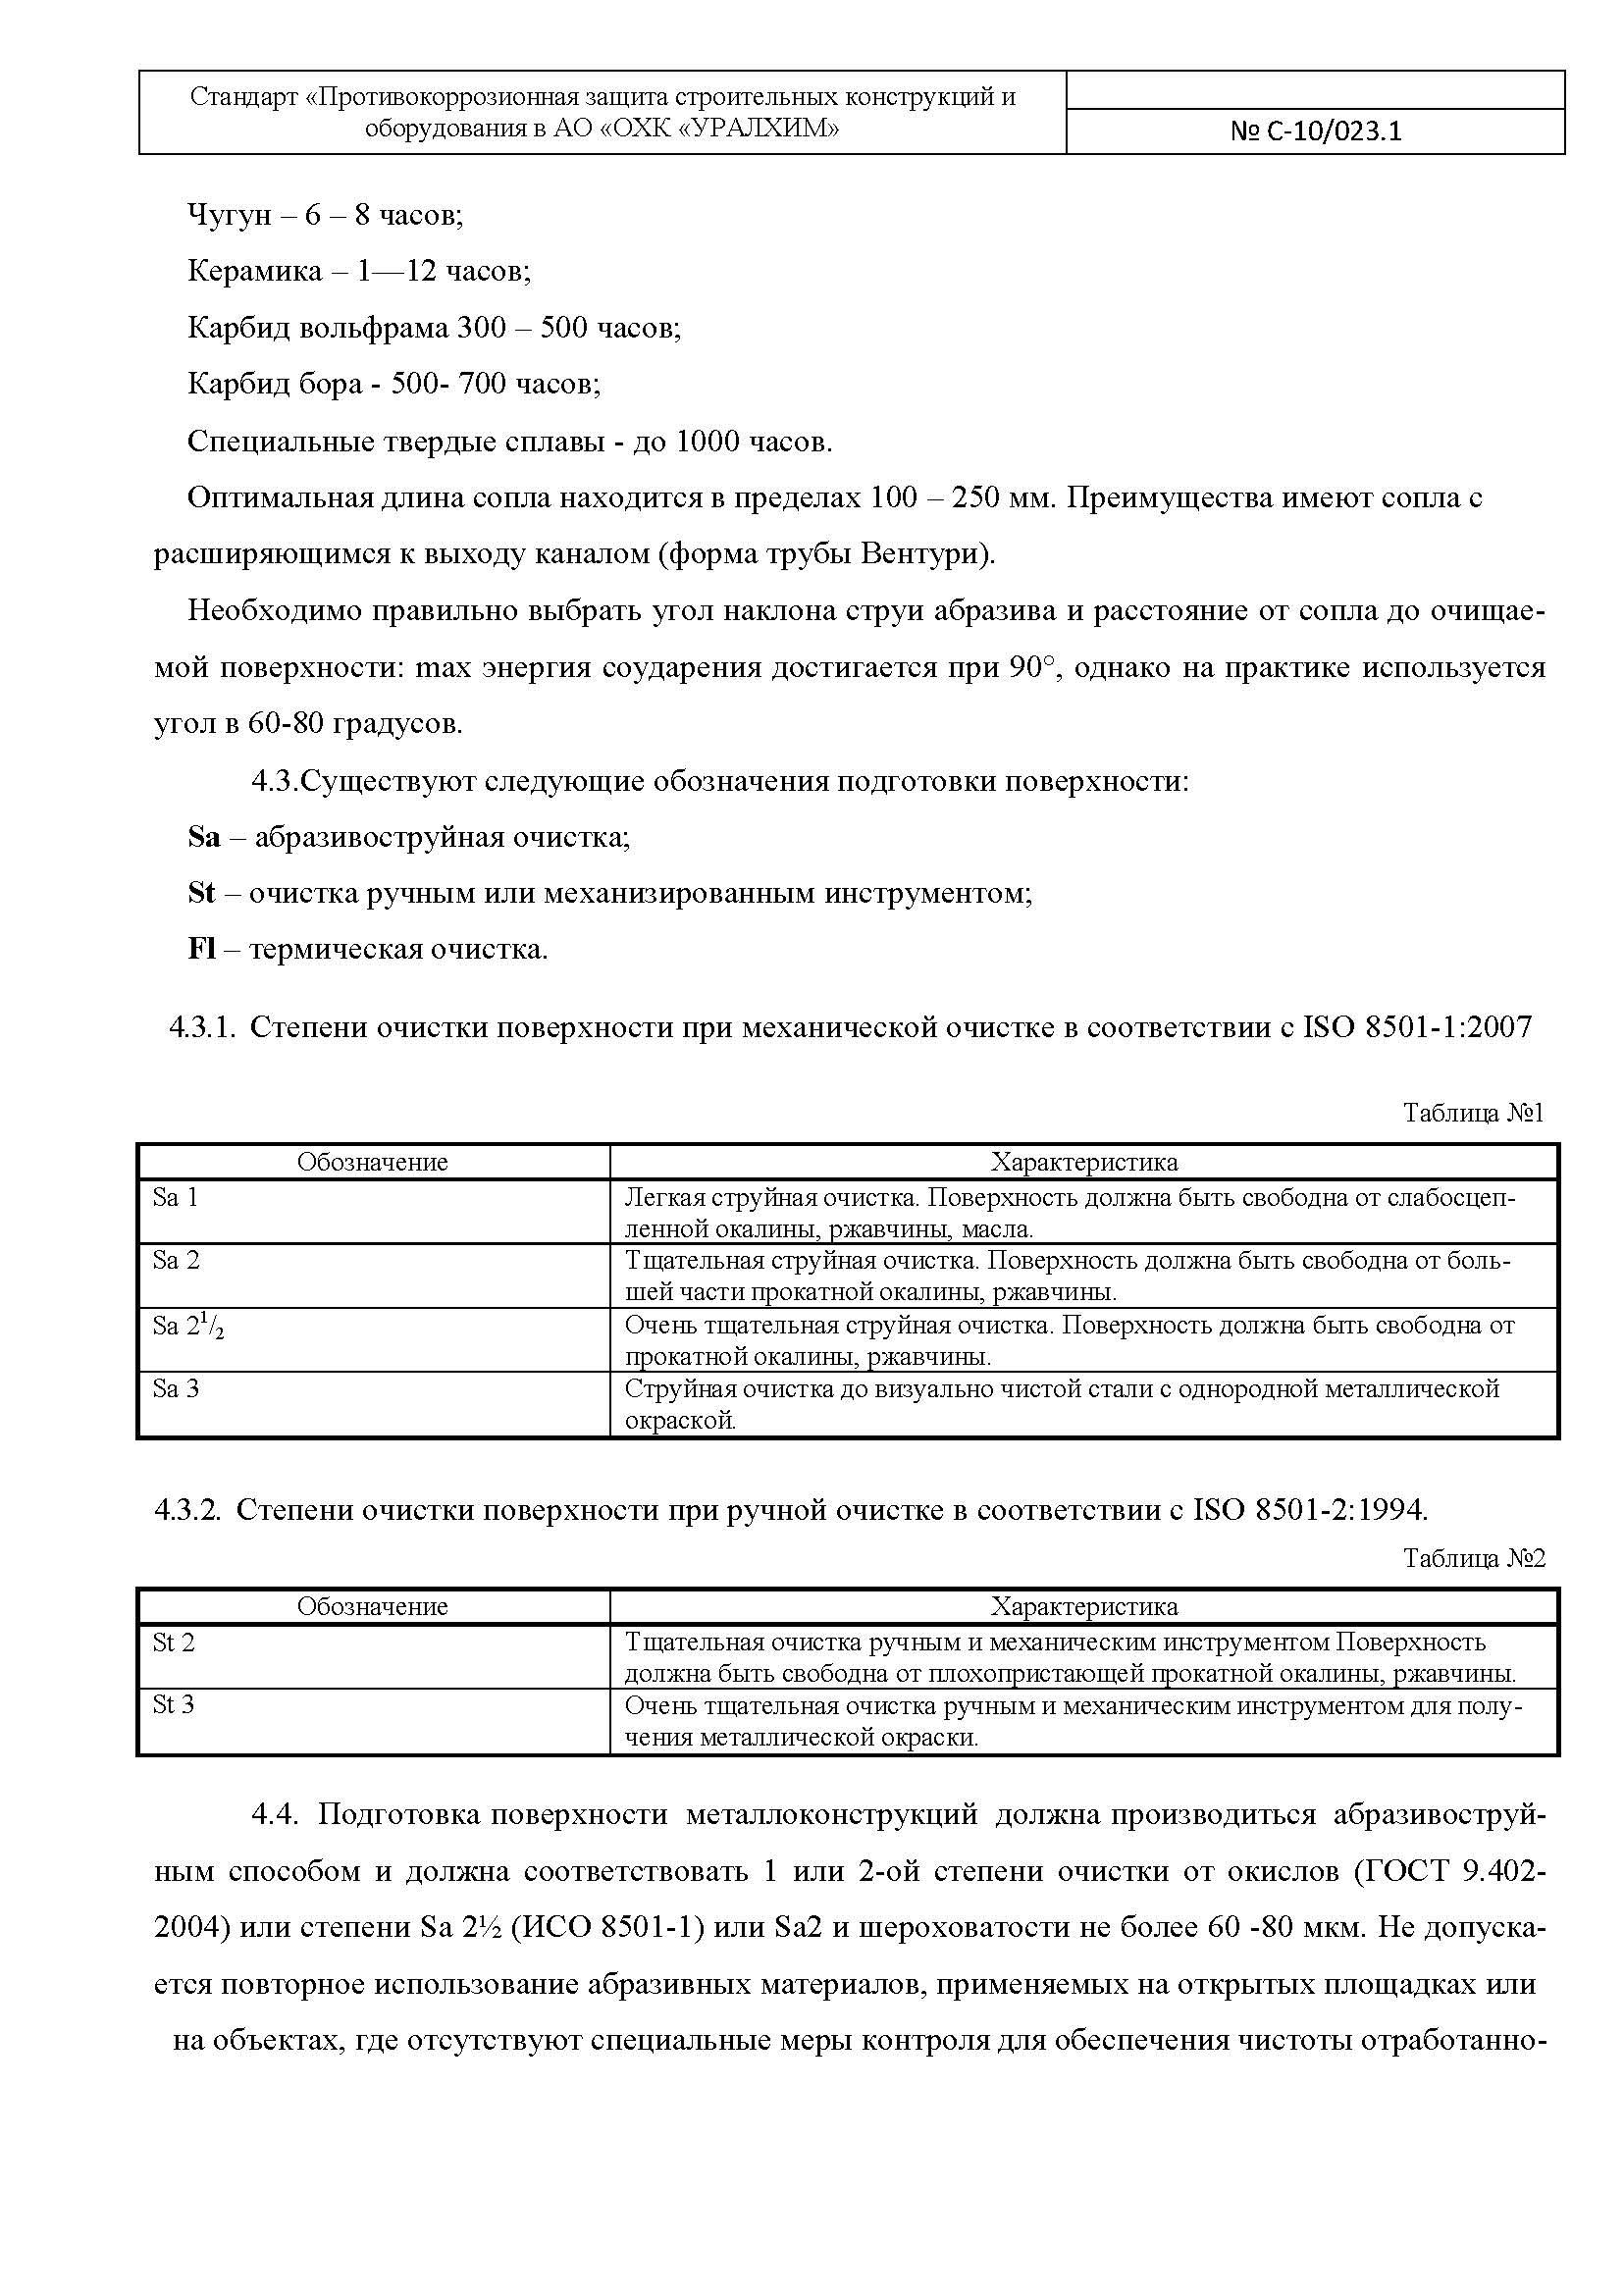 Выписка из Стандарта Противокоррозионная защита строительных конструкций и оборудования АО ОХК УРЛХИМ_Страница_08